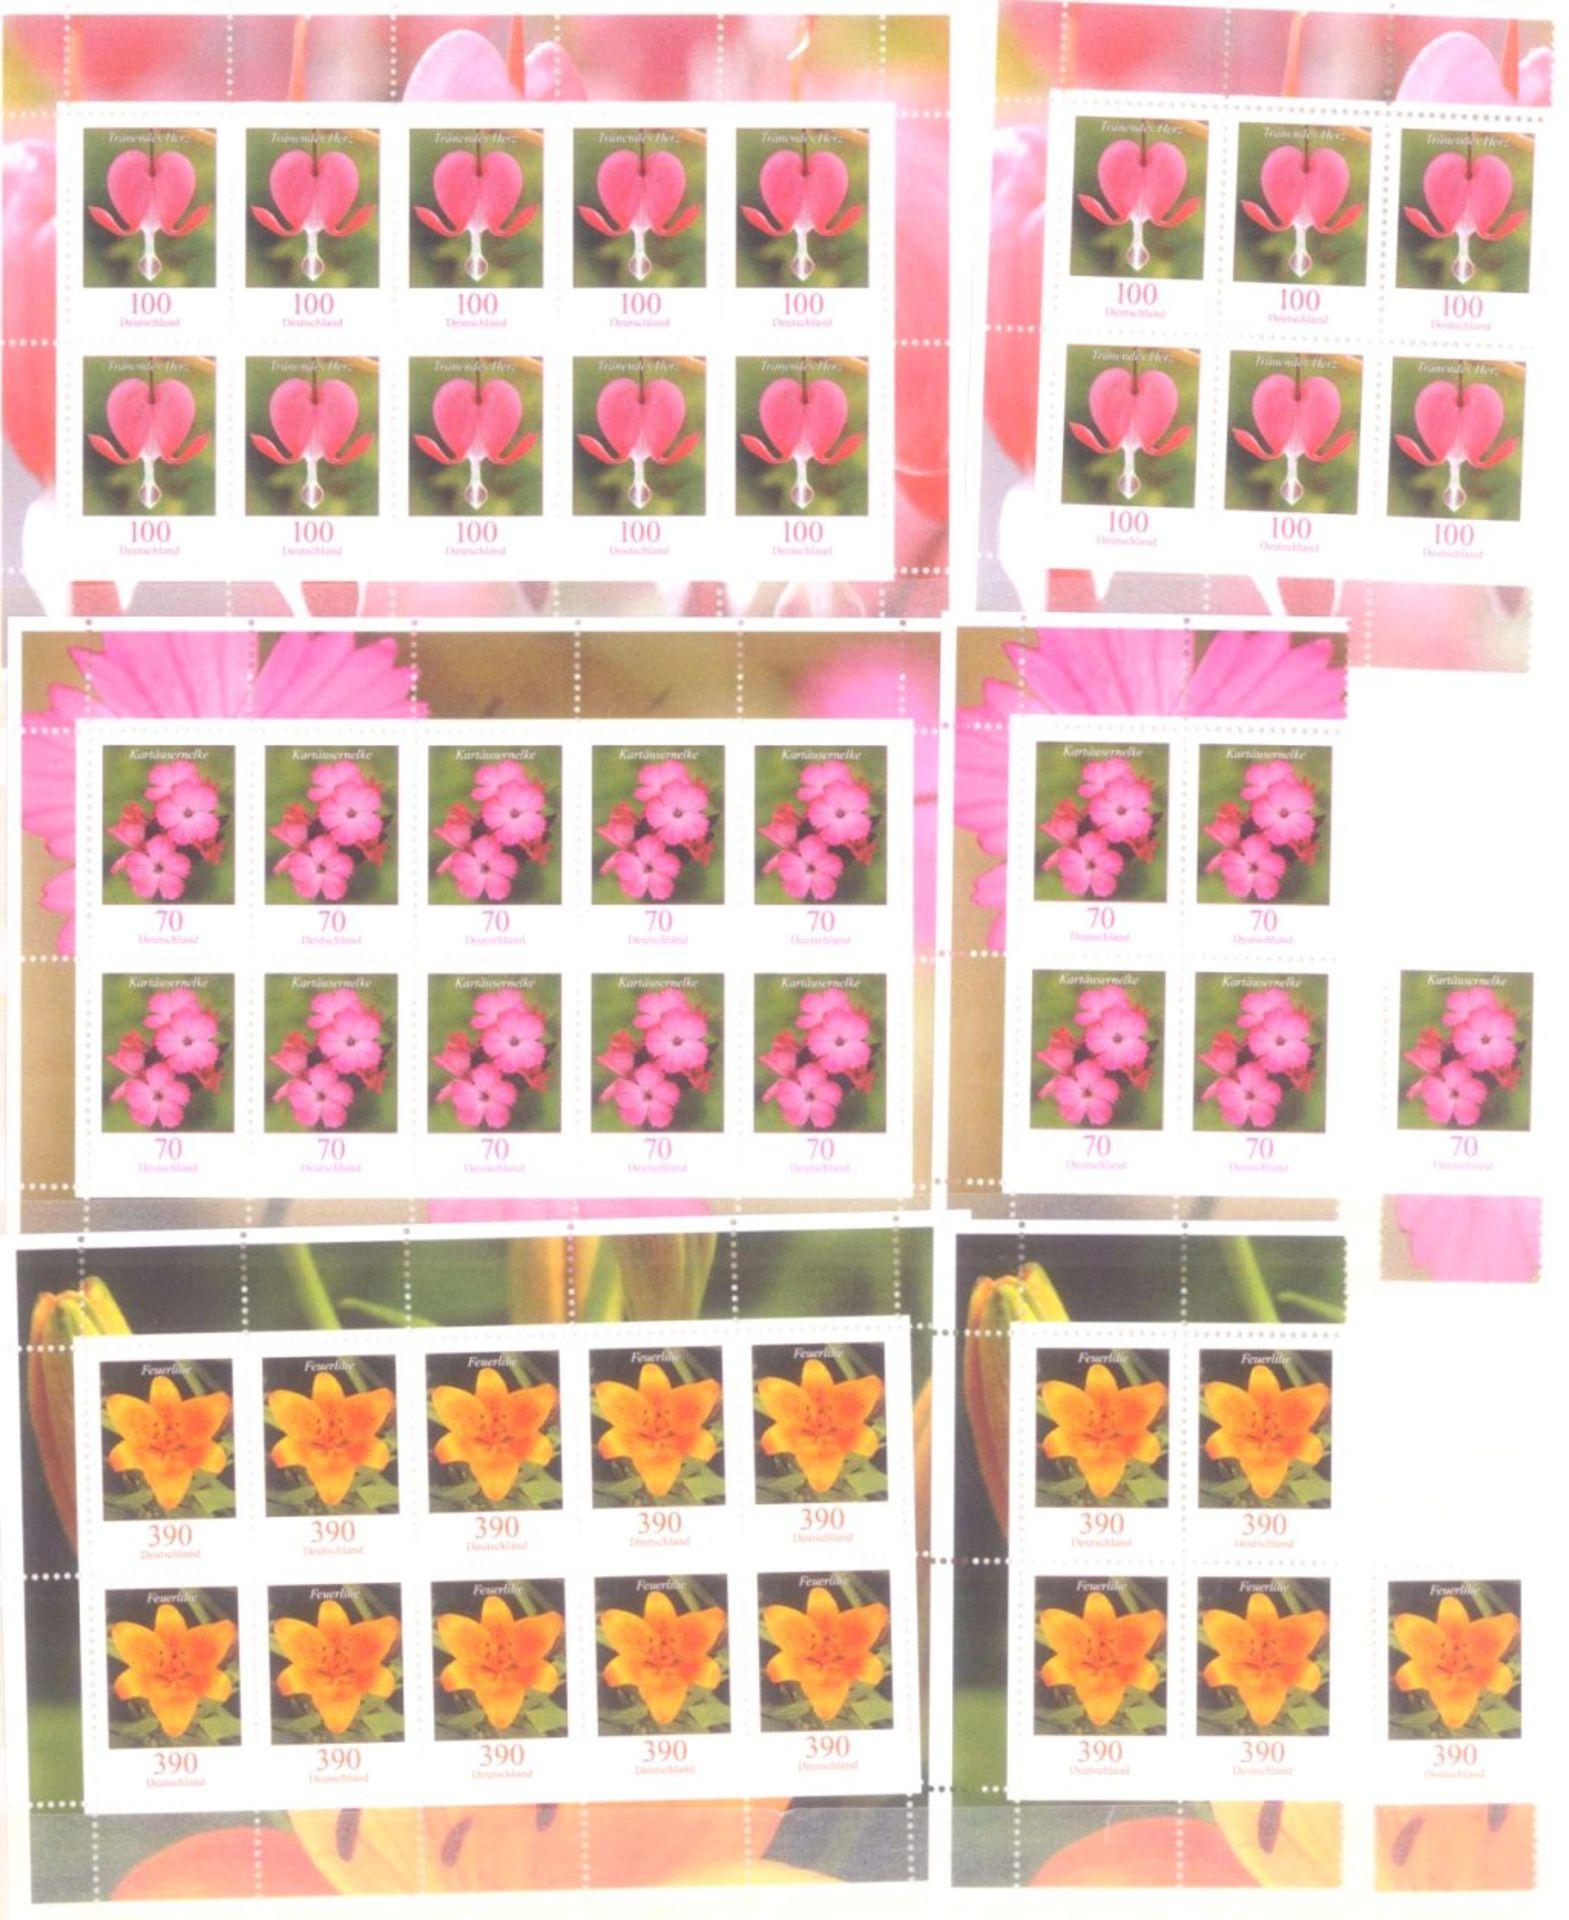 Über 800 Euro Deutsche Nominale, Frankaturware1 Album, dabei Blöcke und Einzelmarken - Bild 3 aus 4